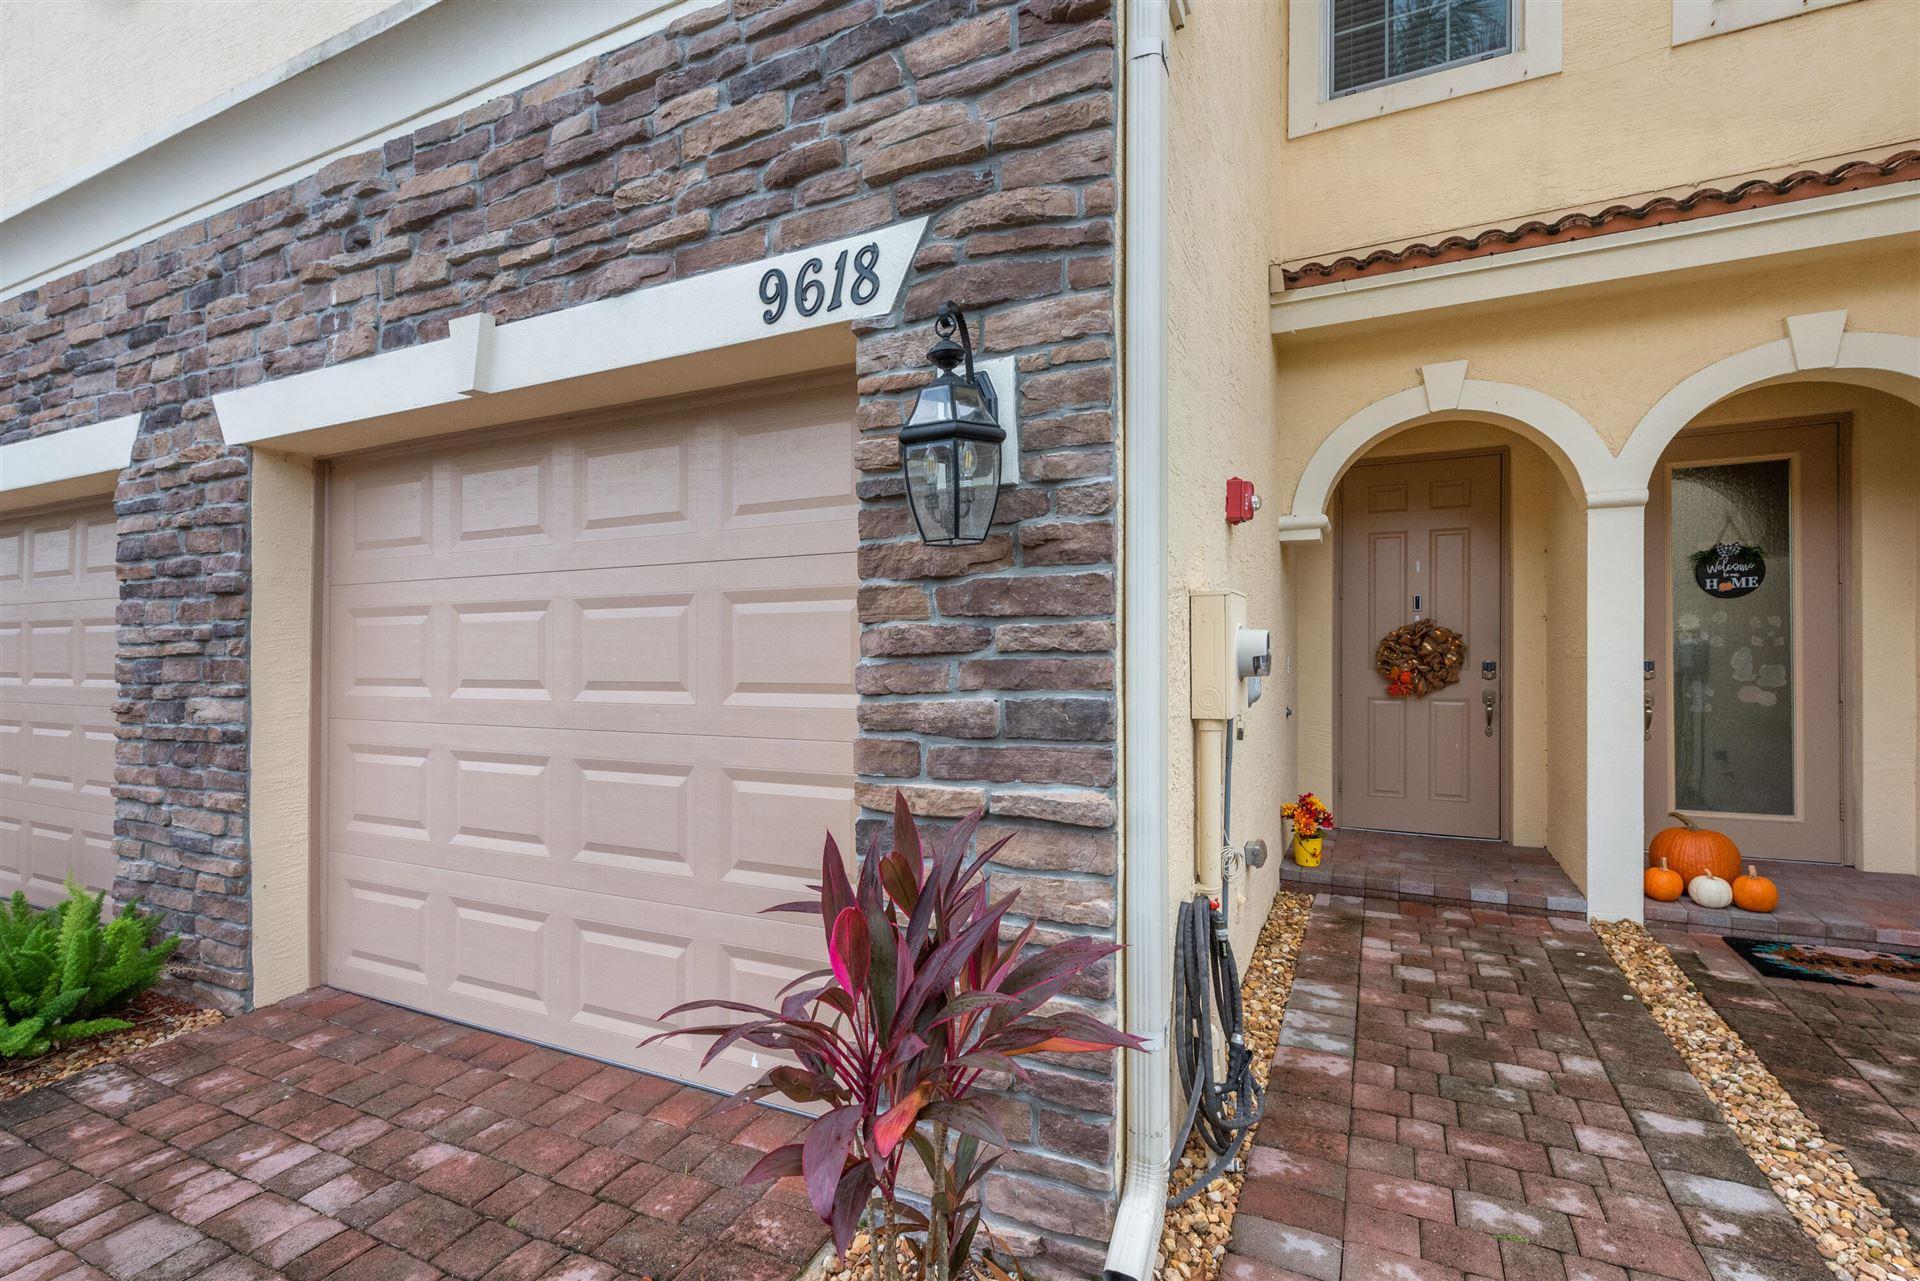 Photo of 9618 SW Purple Martin Way, Stuart, FL 34997 (MLS # RX-10753382)